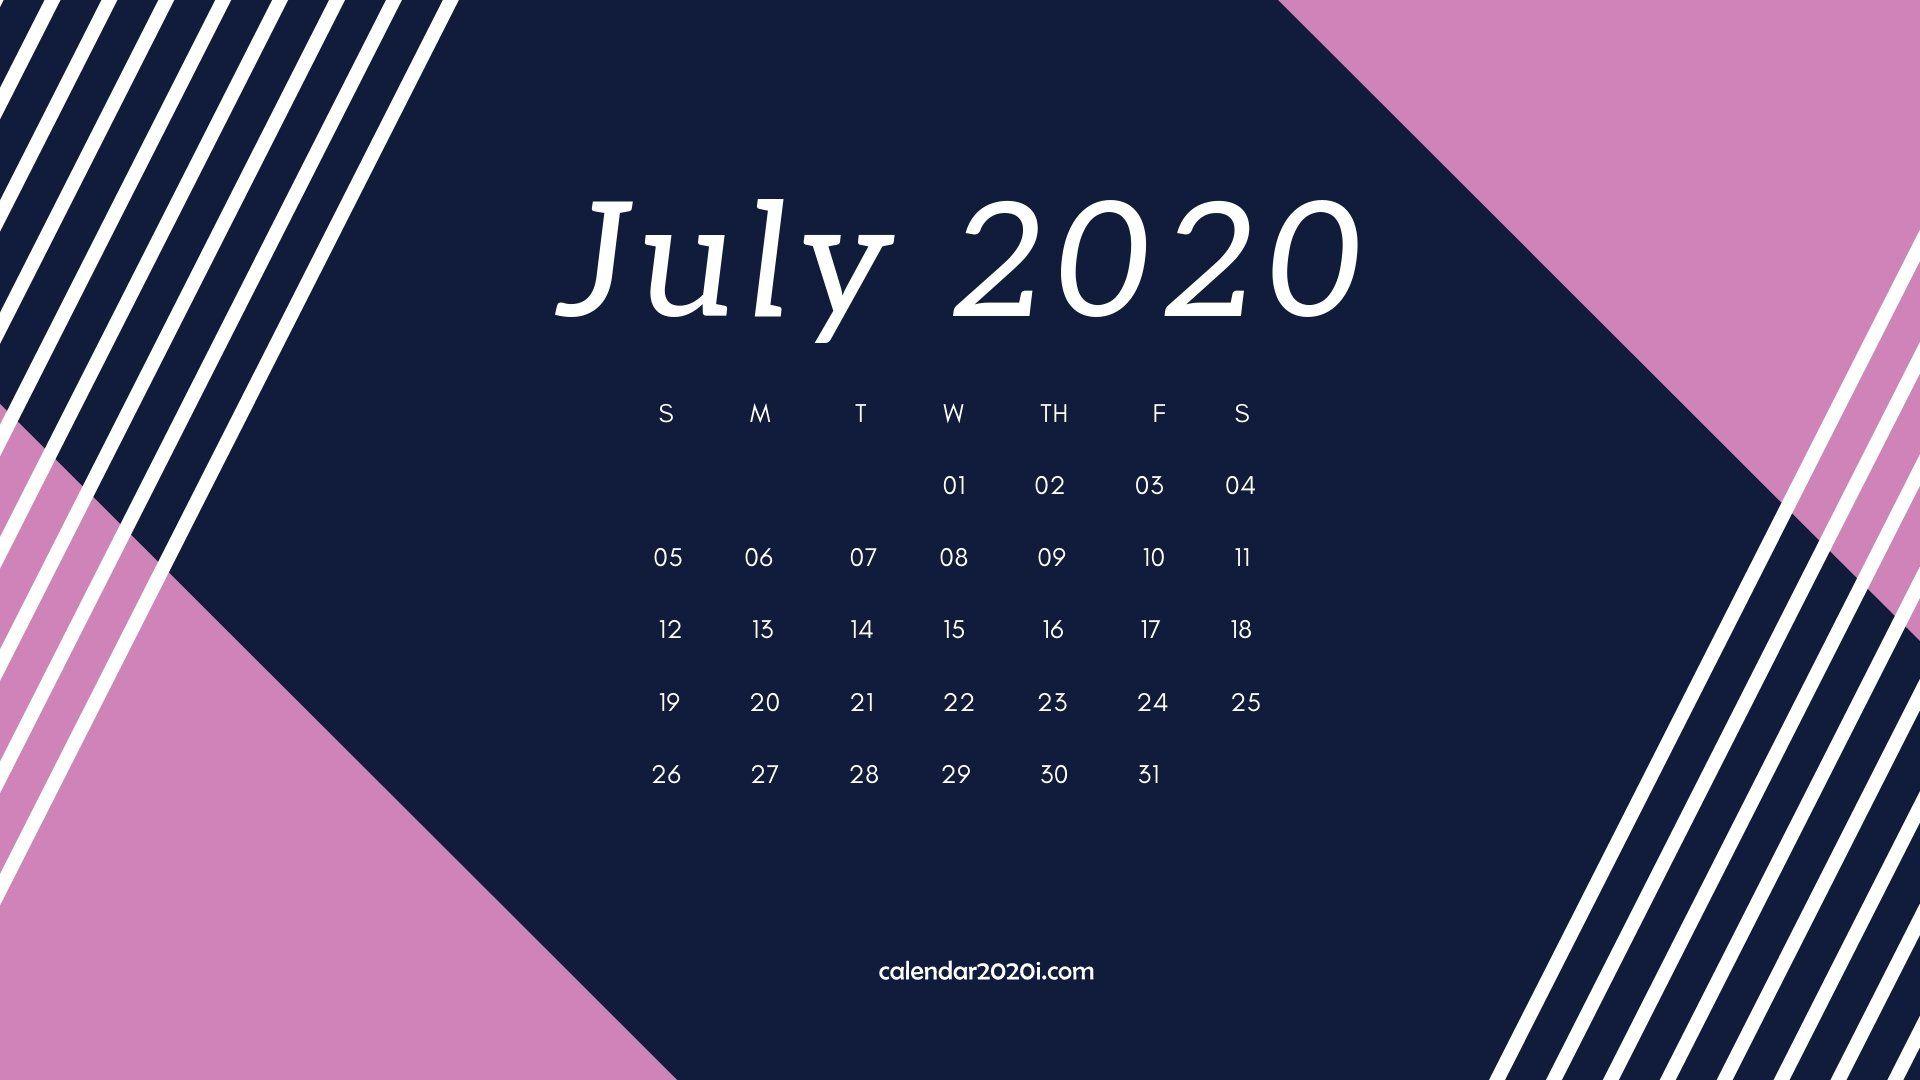 December 2020 Calendardesktop July 2020 Calendar Desktop Wallpaper | 2020 Calendars | Calendar